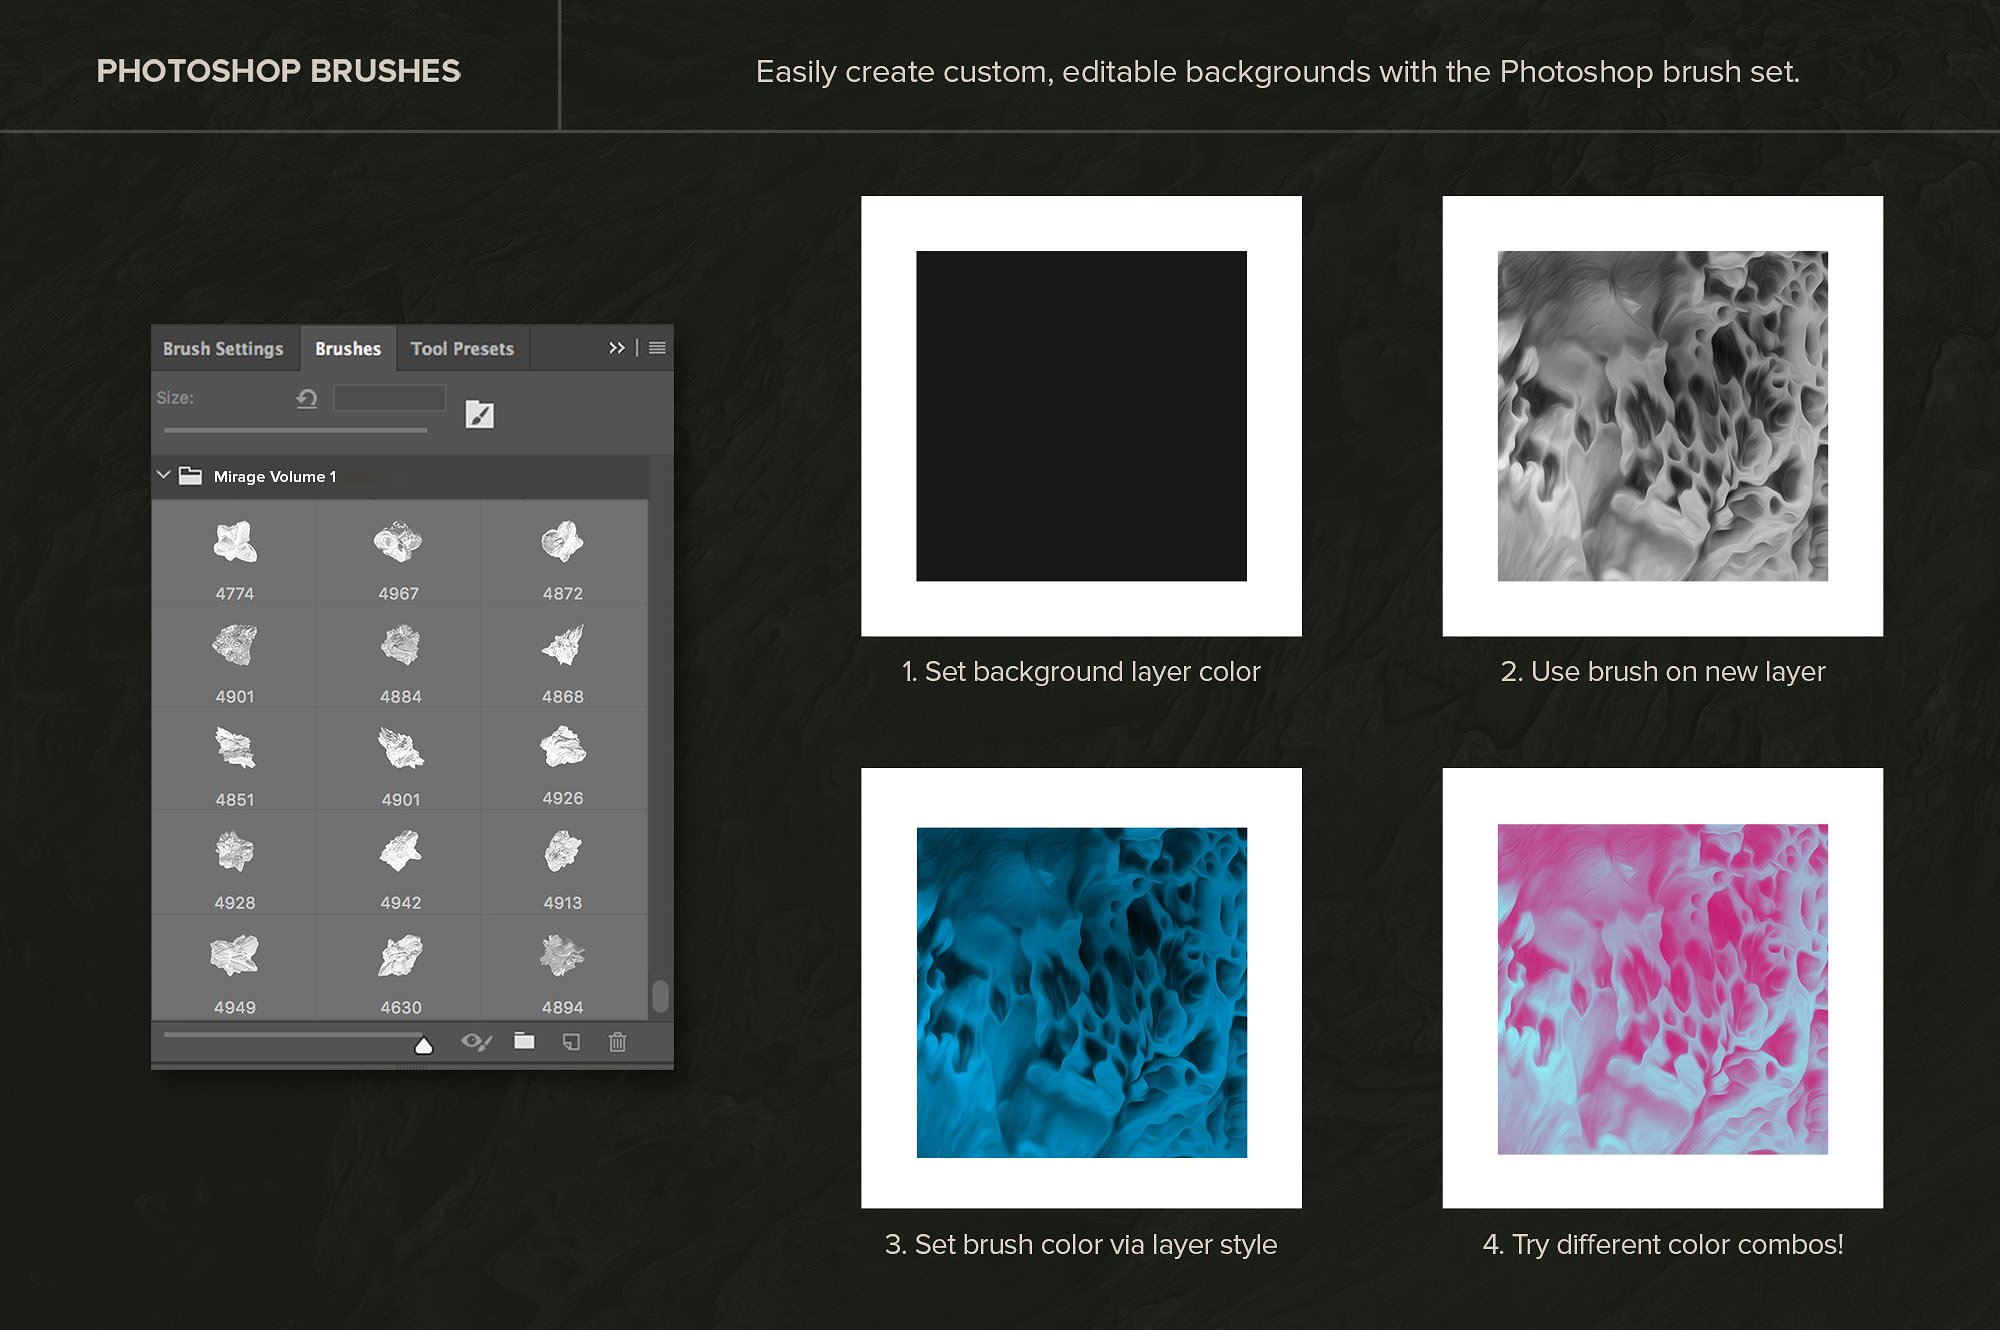 创意抽象纹理系列:15款高清3D抽象纹理&笔刷 3D Mirage, Vol. 1 (Exclusive)插图3